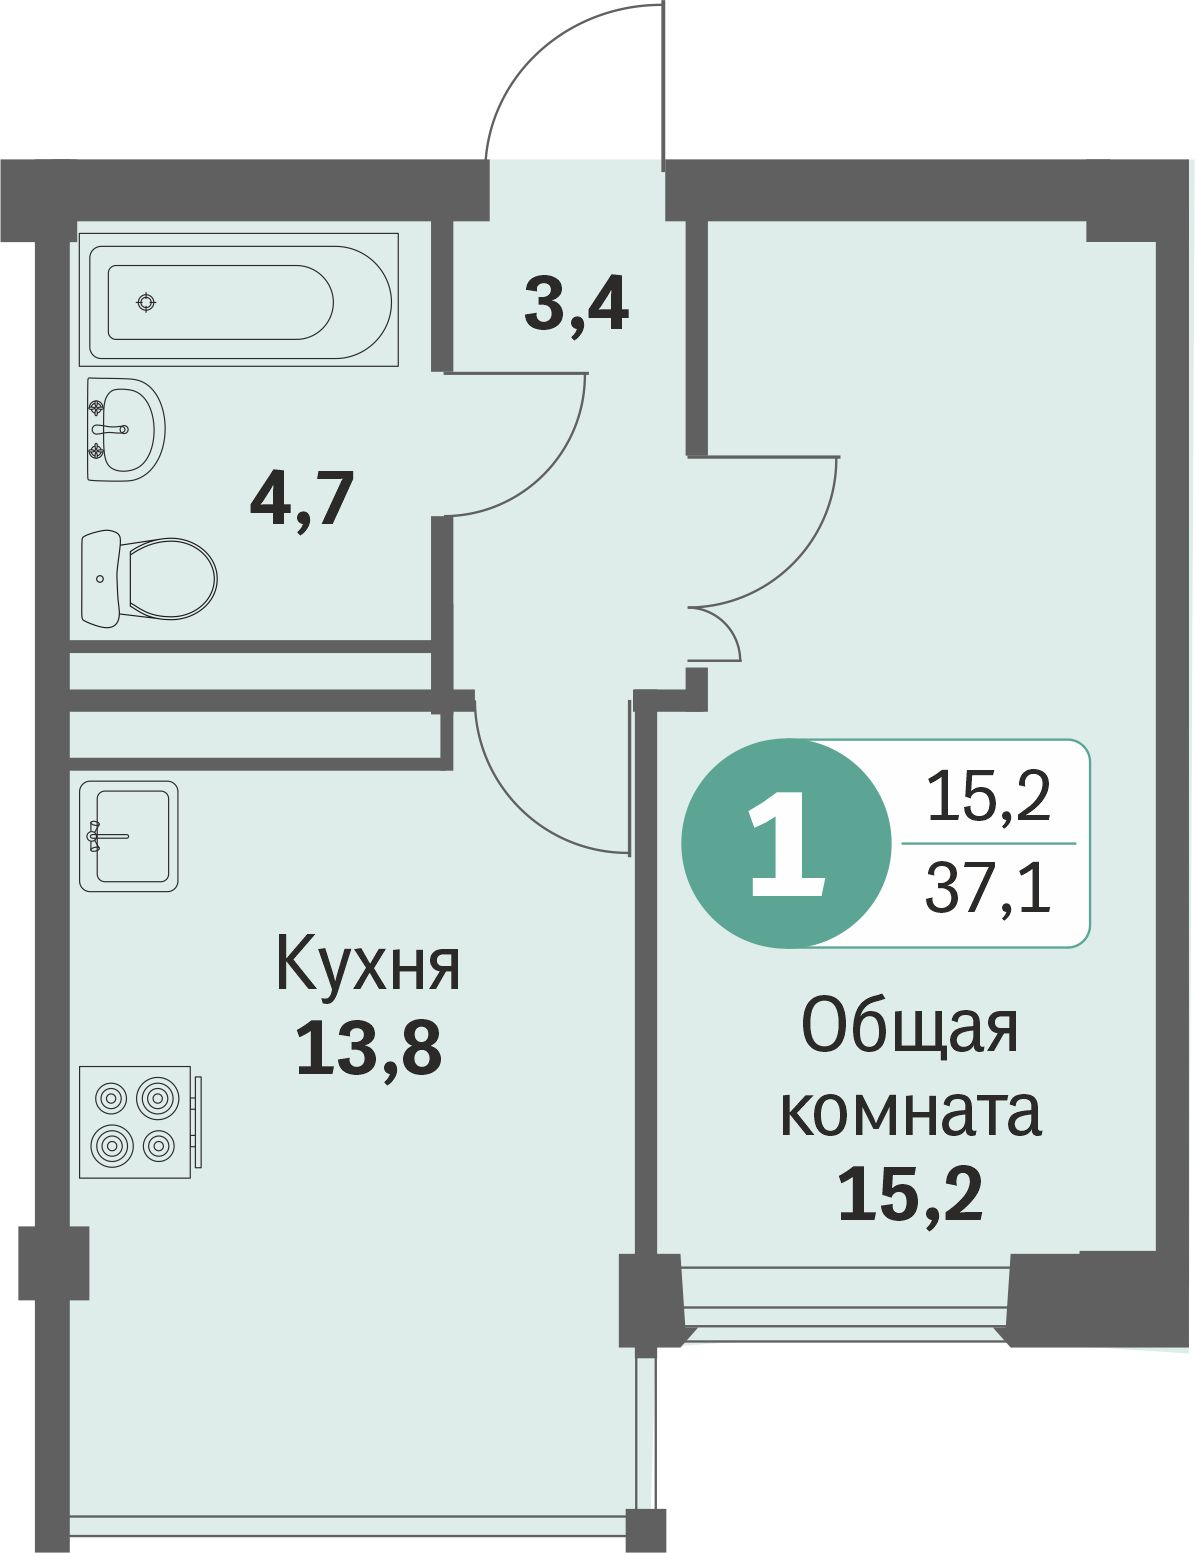 ул. Свиридова д.8, квартира 431 - Однокомнатная